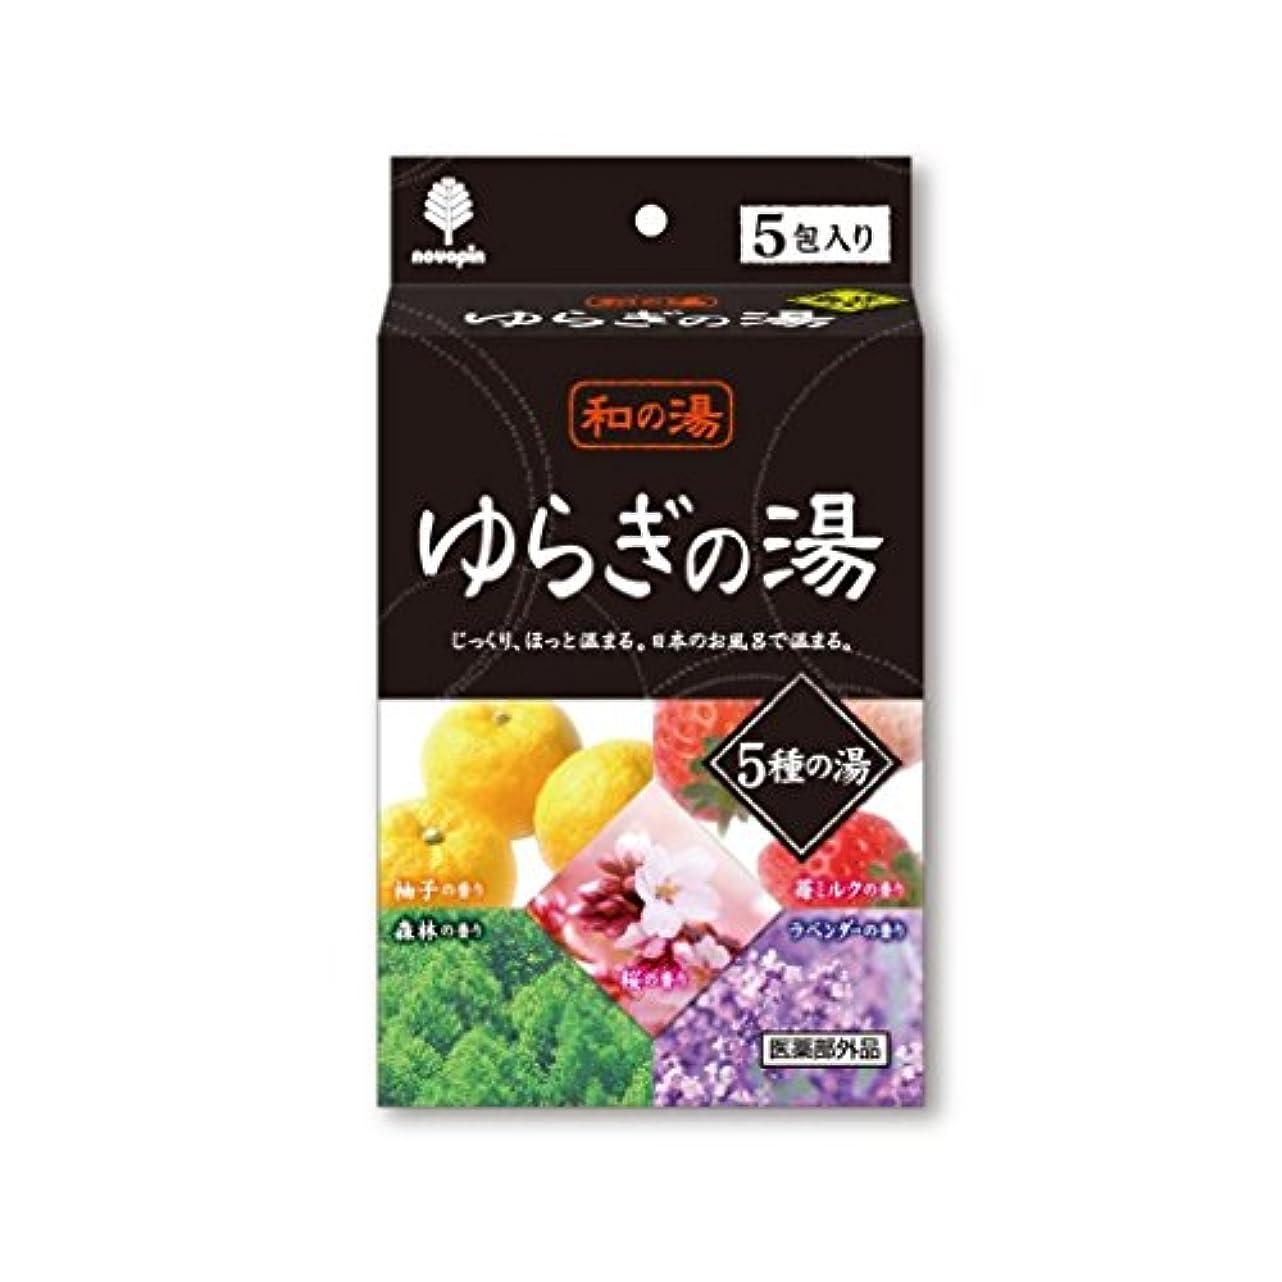 信号直面するパキスタン人紀陽除虫菊 日本製 Japan 和の湯 ゆらぎの湯 5種の湯 25g×5包入 【まとめ買い10個セット】